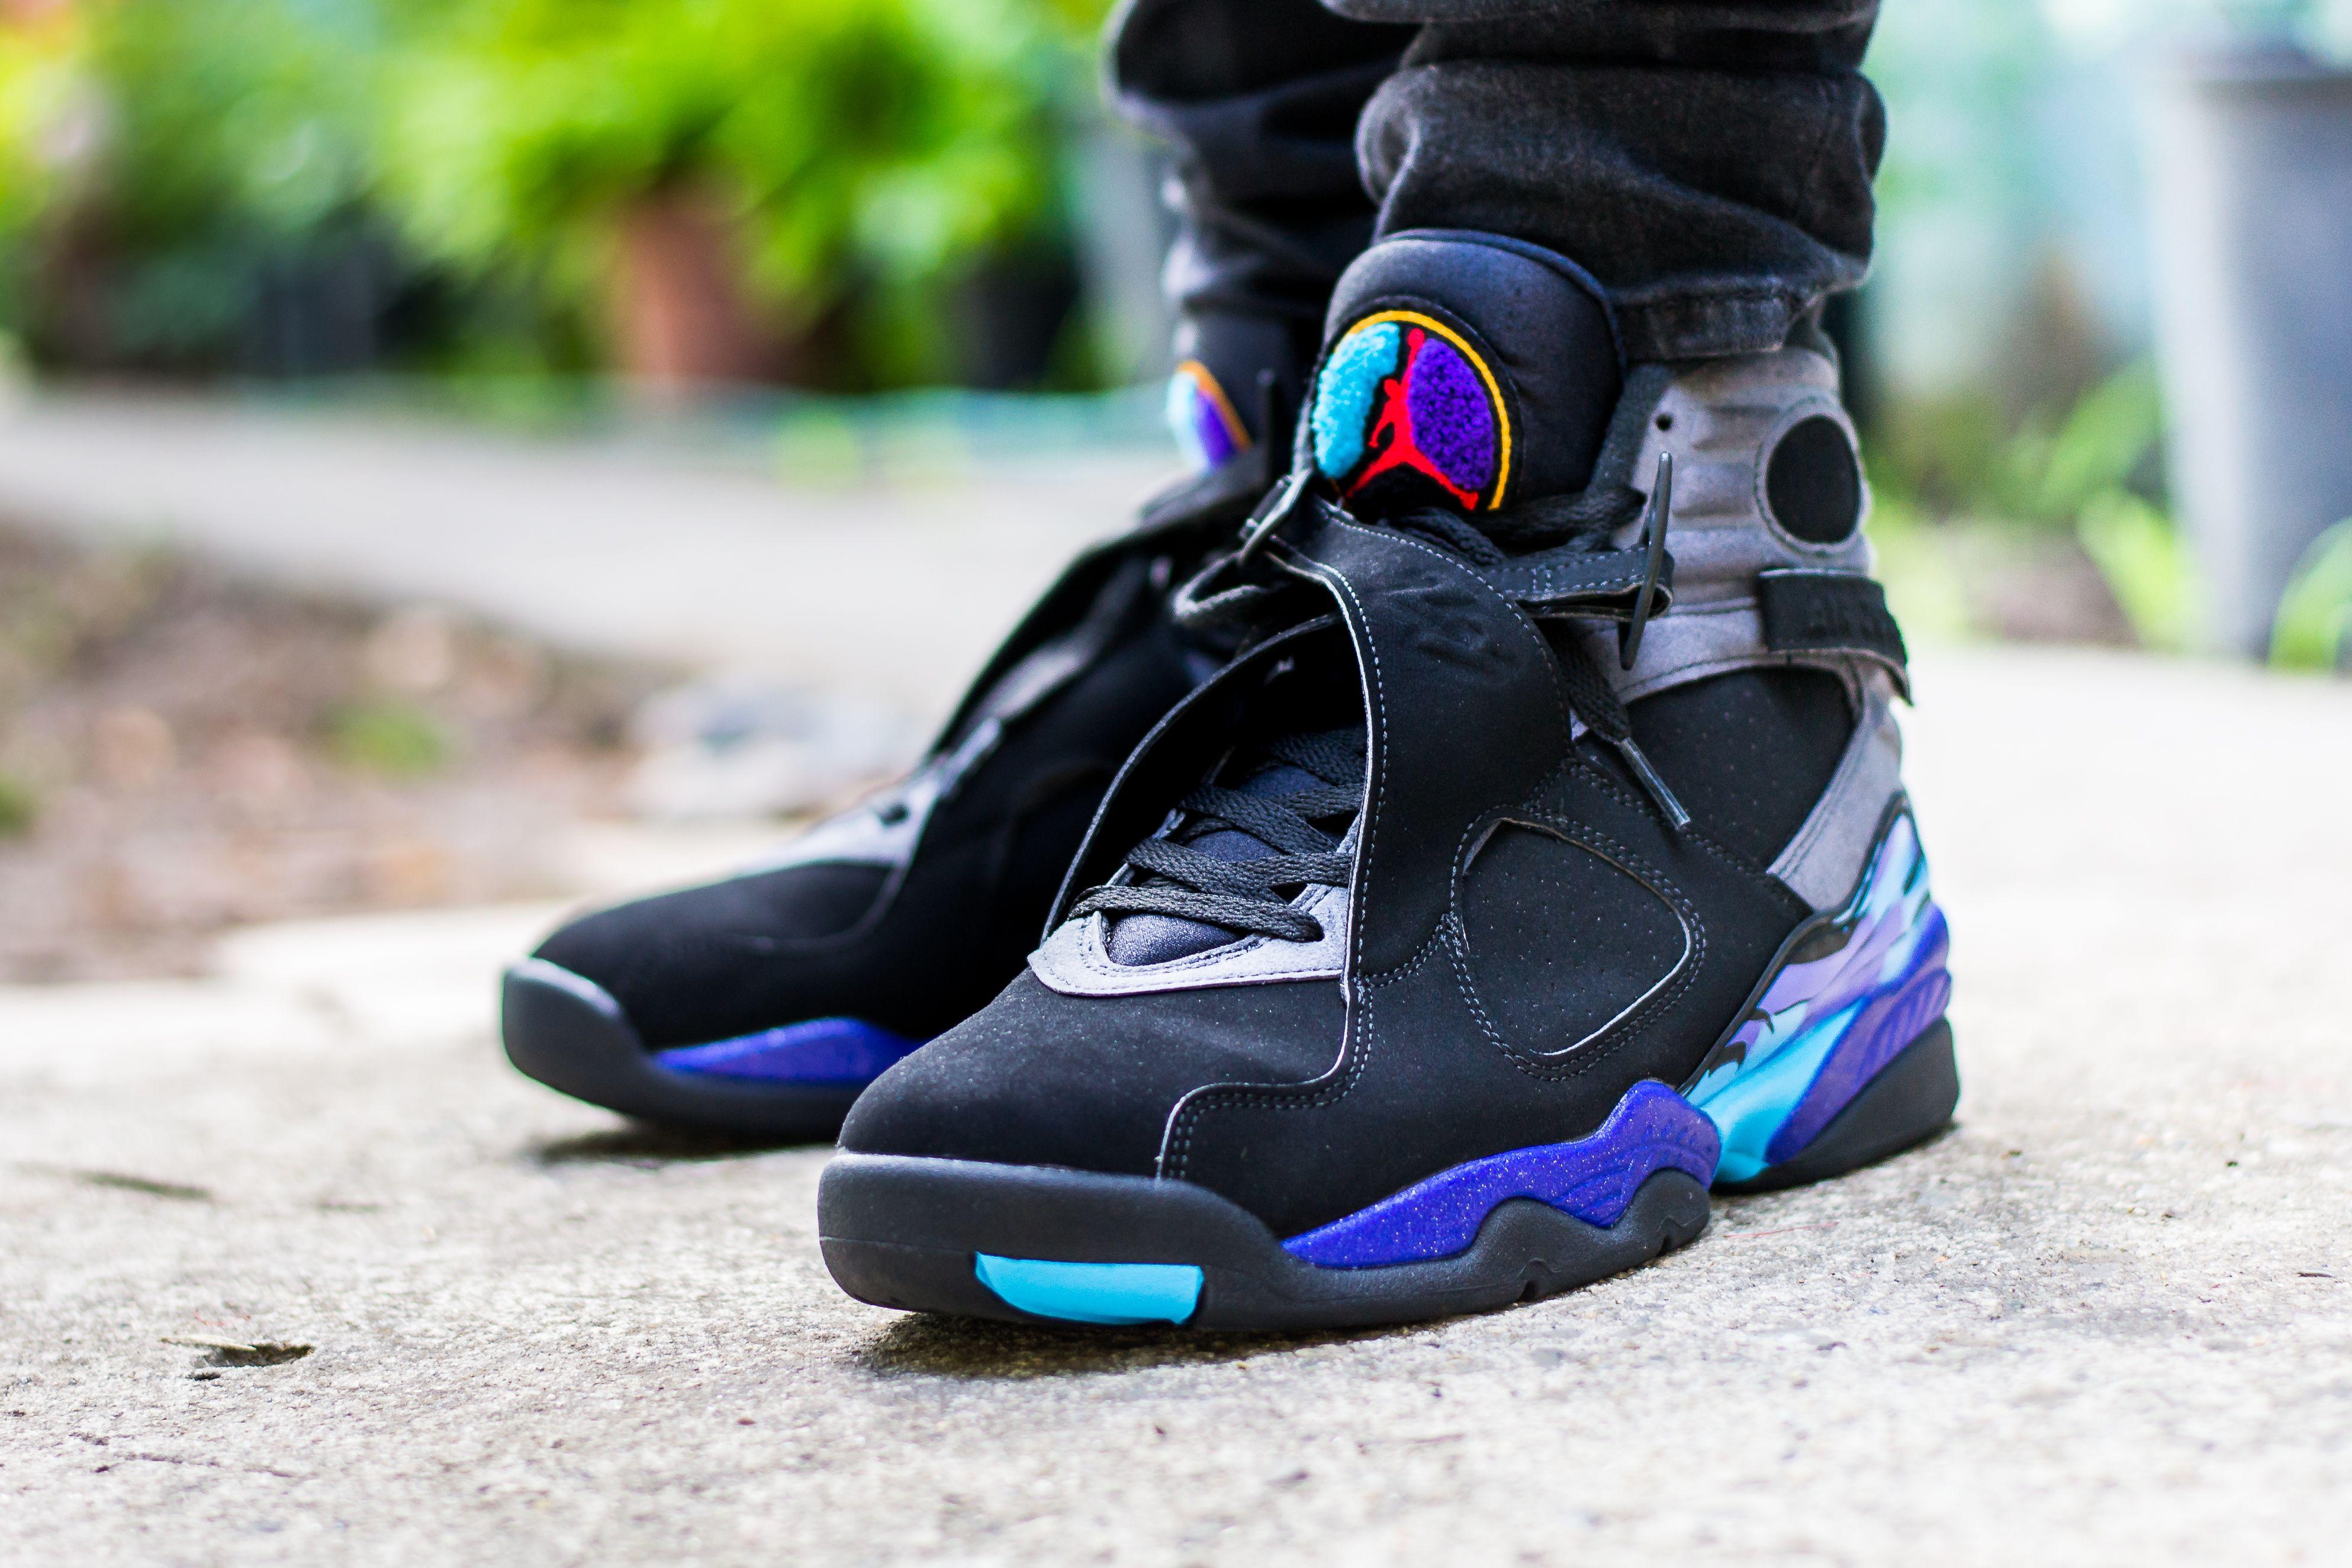 Air Jordan 8 Aqua On Feet Sneaker